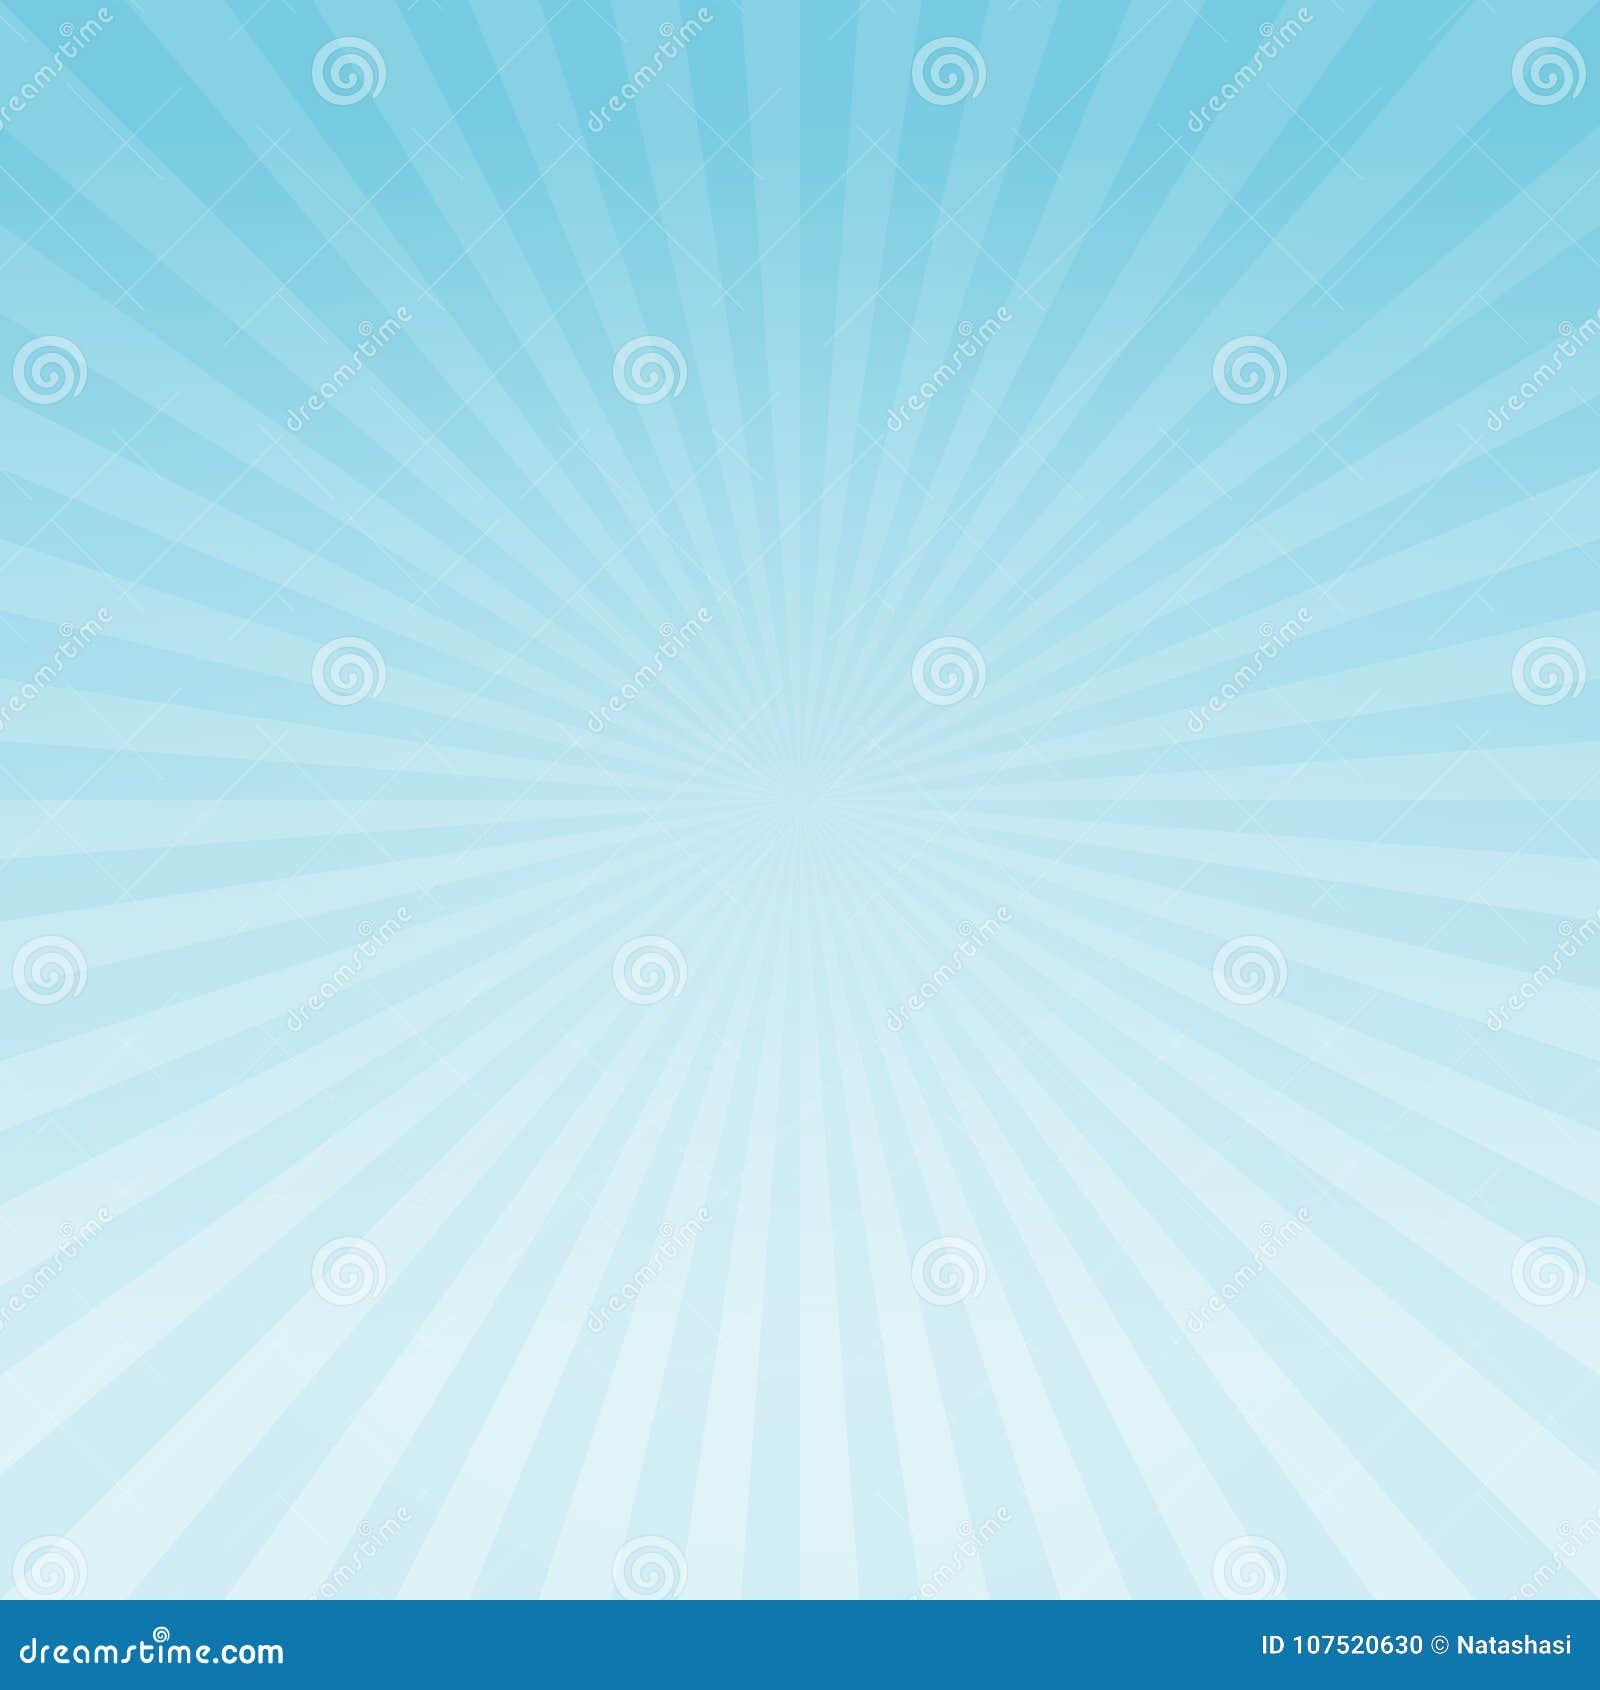 Abstrakte hellblaue Steigung strahlt Hintergrund aus Vektor ENV 10 cmyk